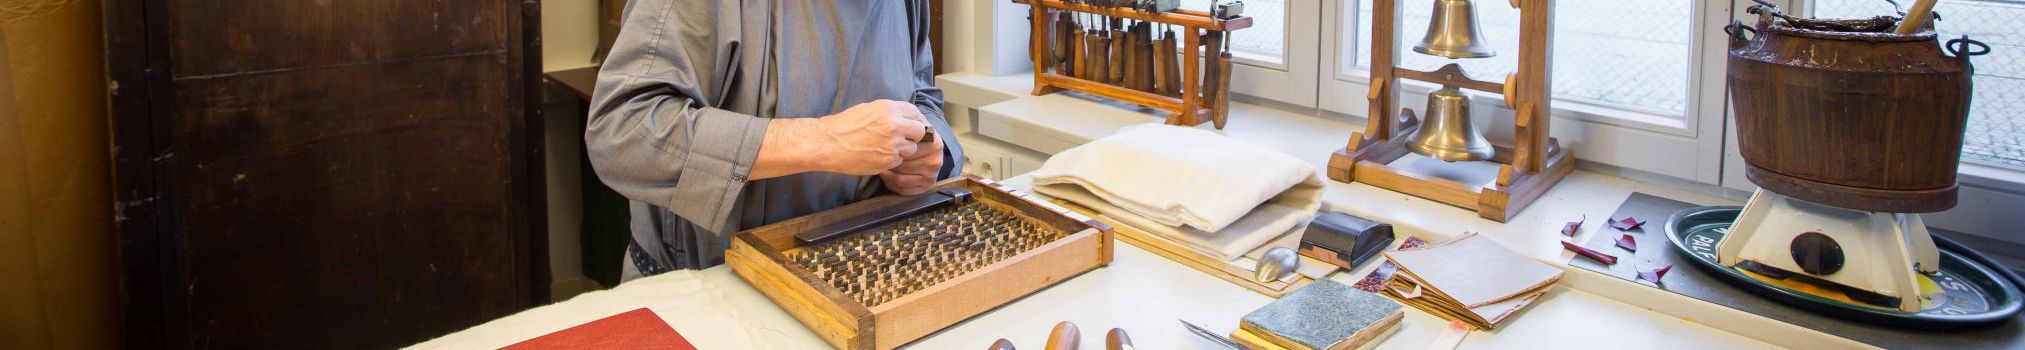 poggia-lettera al lavoro nell'atelier dei libri dell'abbazia